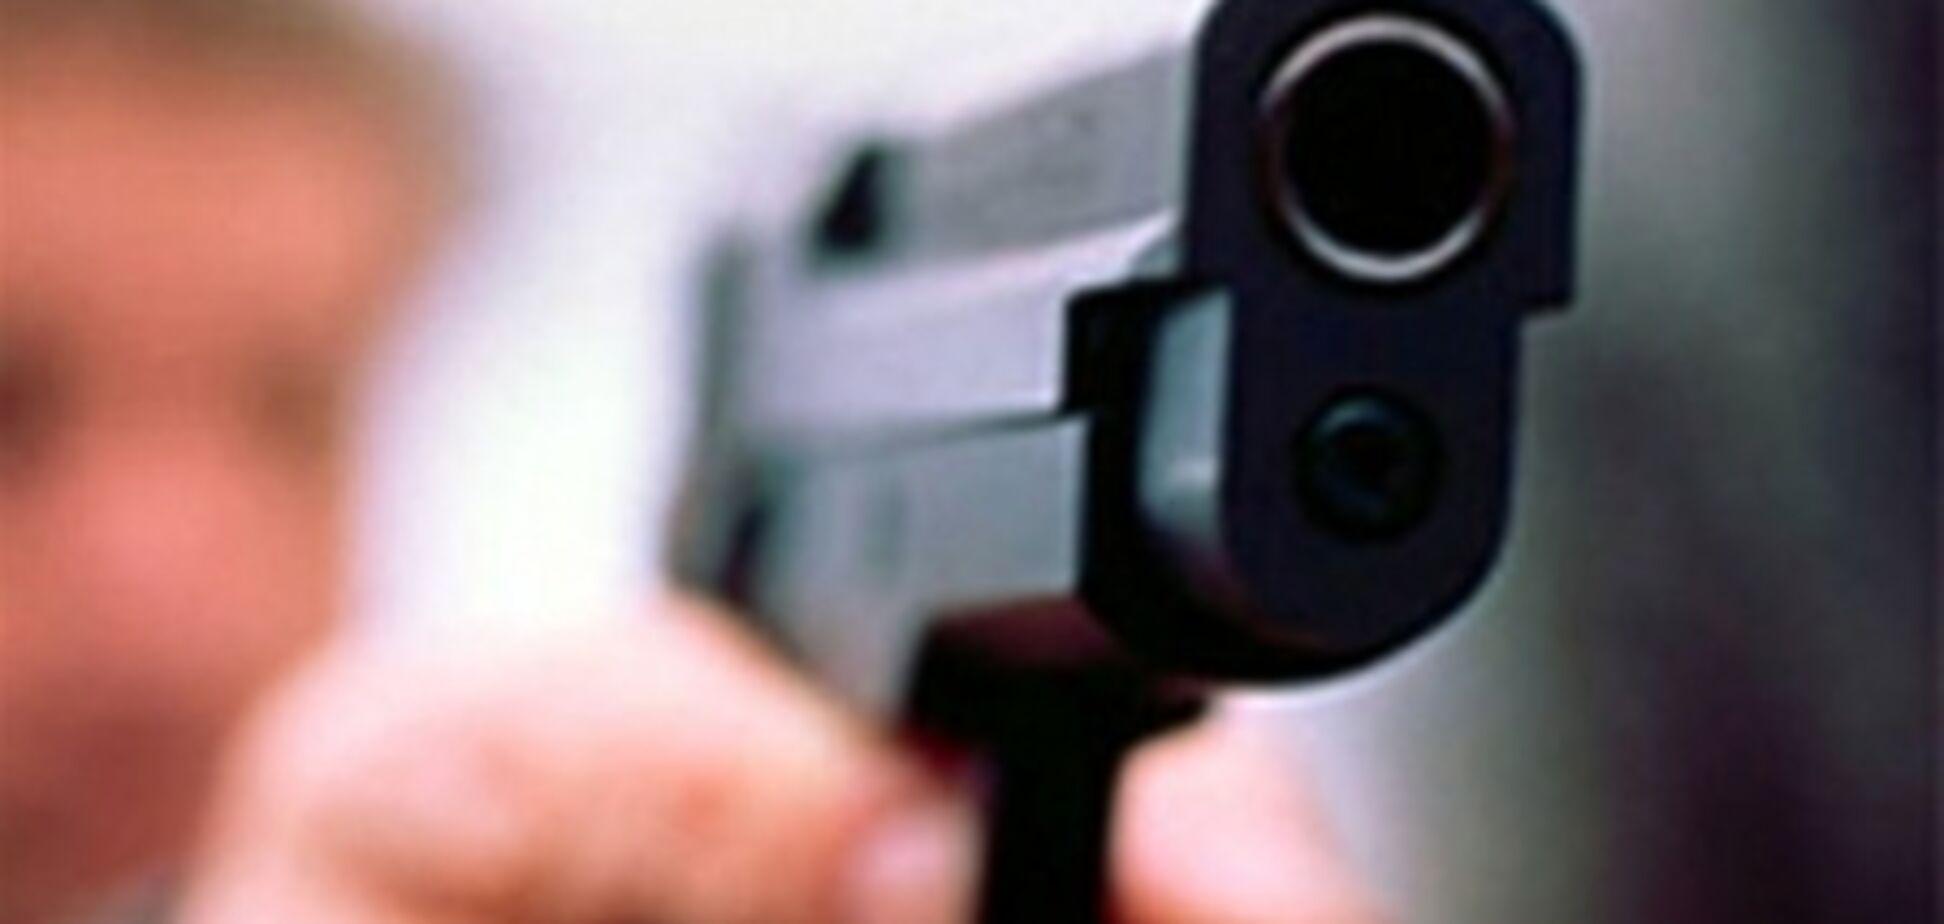 Вооруженное ограбление ювелирки: неизвестные унесли 500 тыс. грн. Фото